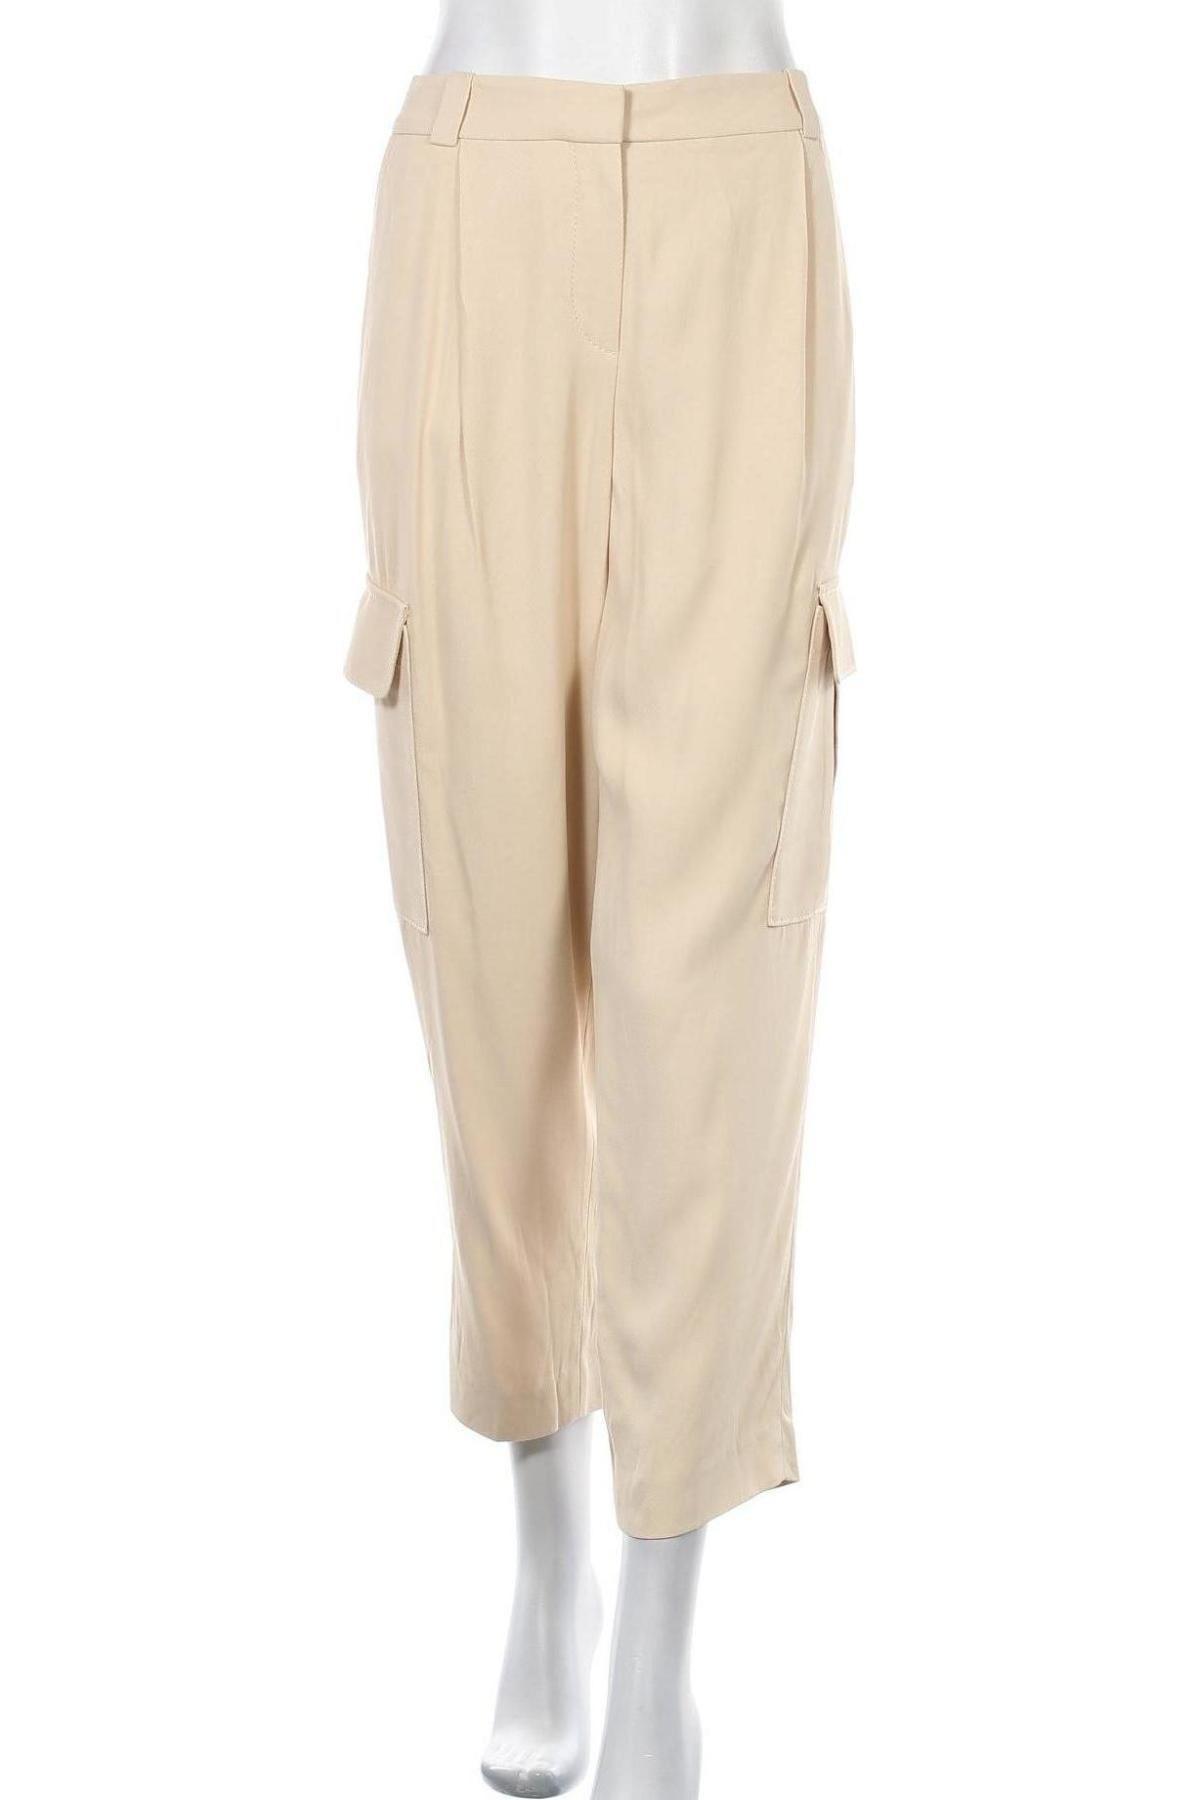 Дамски панталон Massimo Dutti, Размер M, Цвят Бежов, Вискоза, Цена 23,53лв.